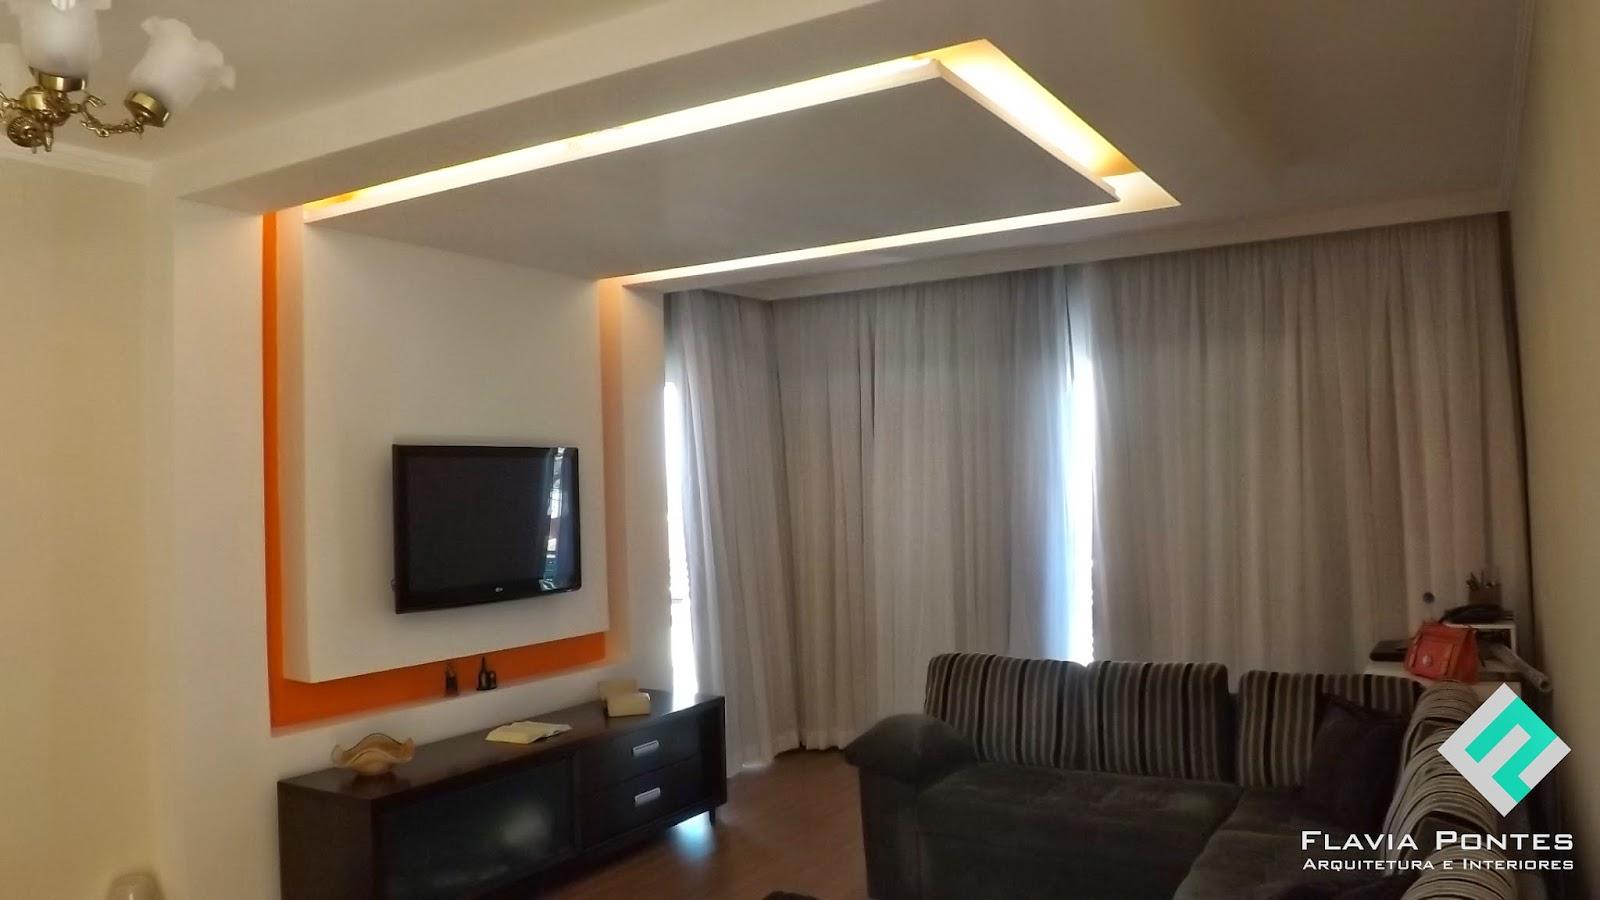 Flavia pontes arquitetura for Sala de estar 5x4